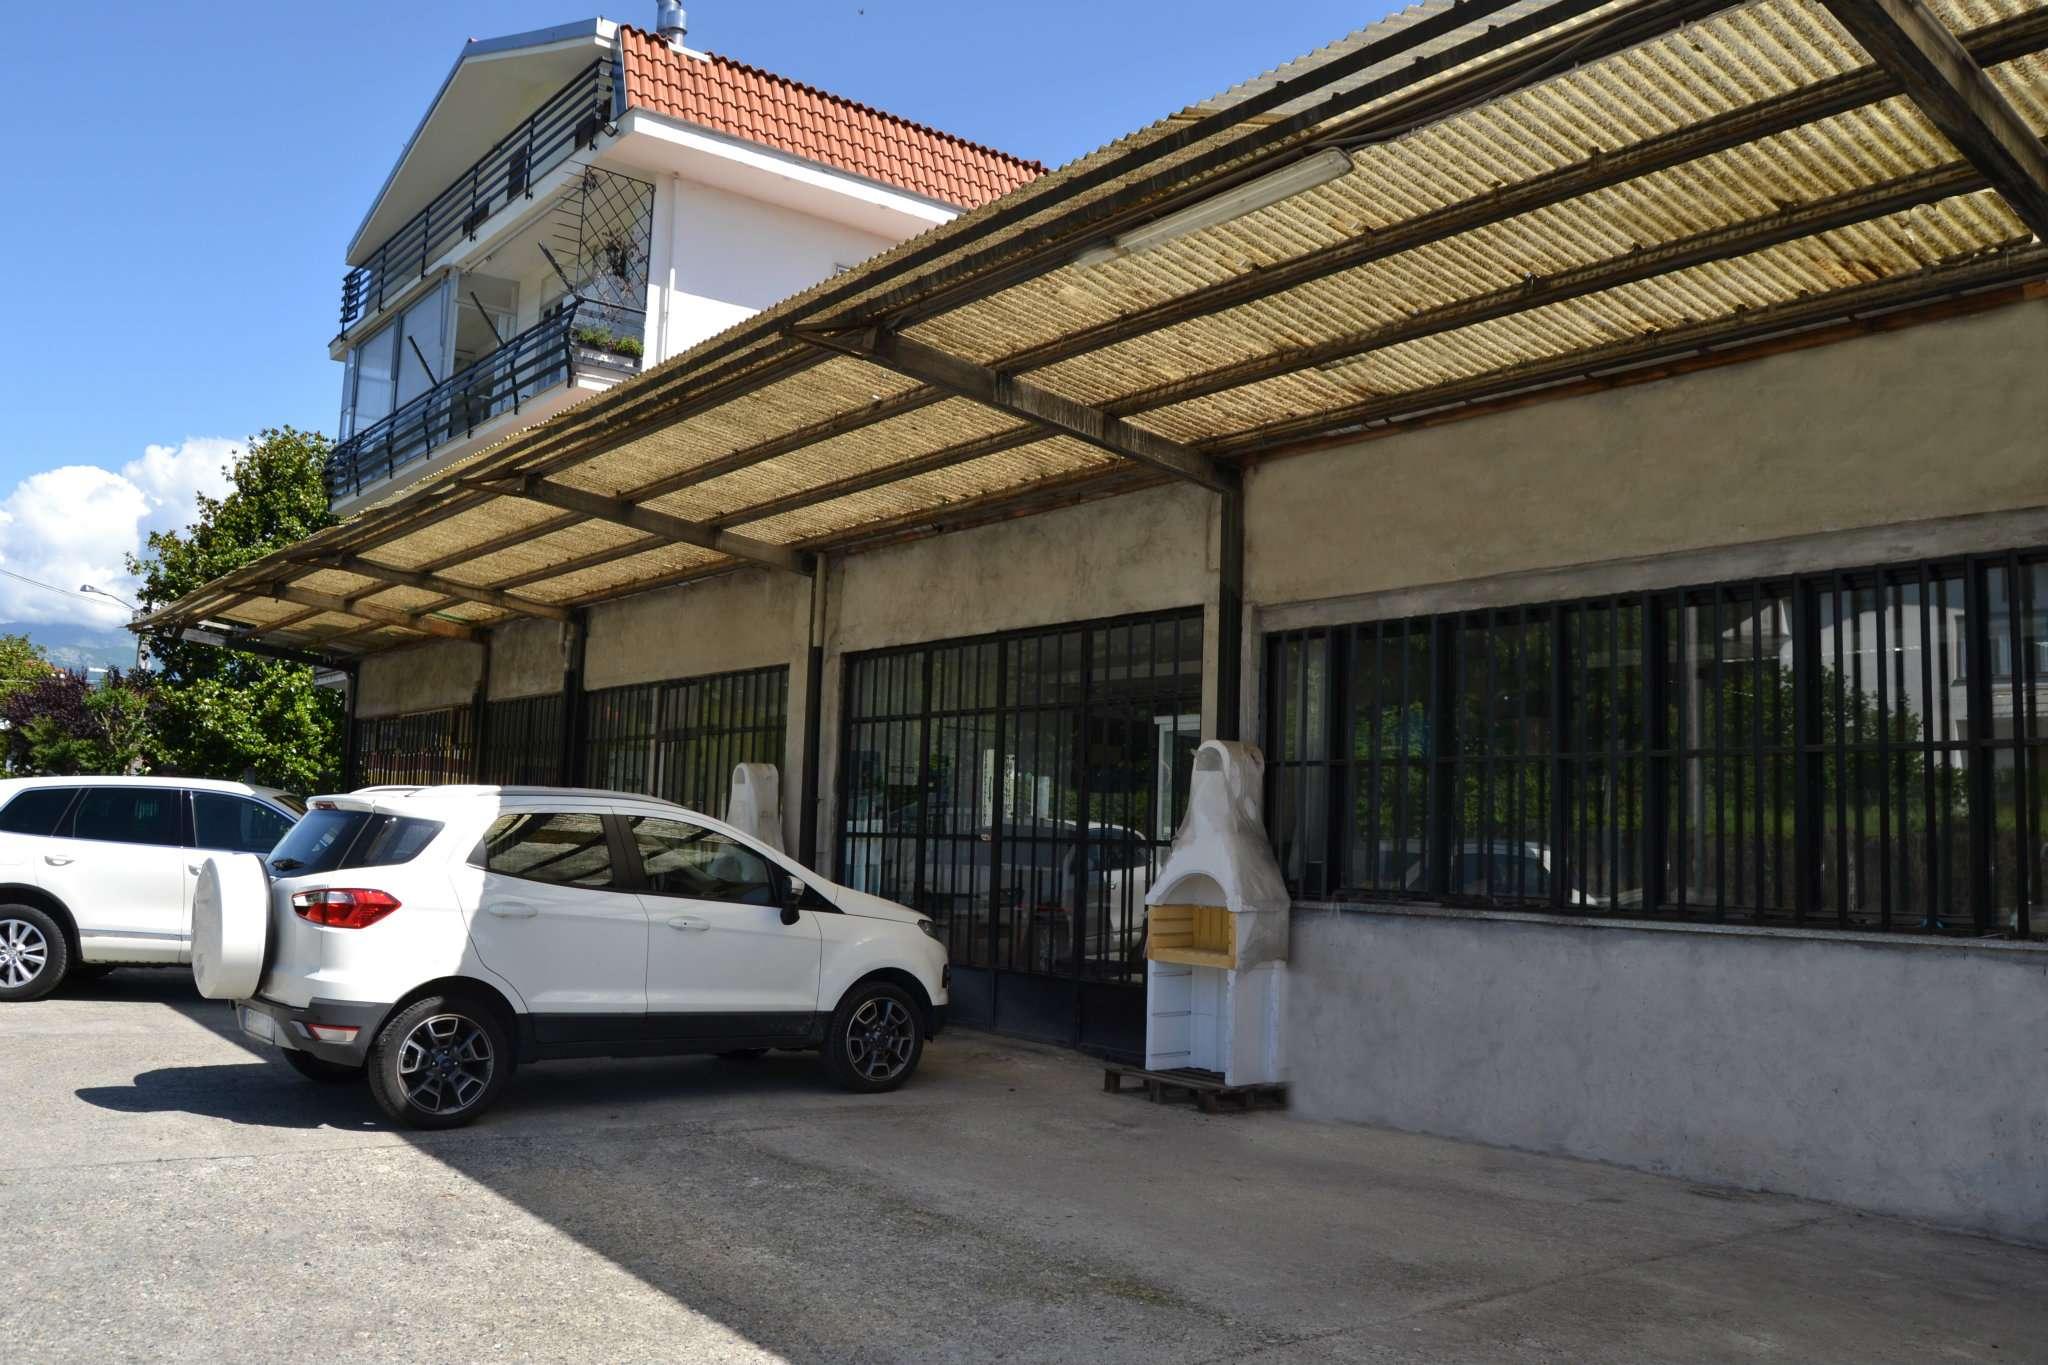 CAFASSE   Locale Commerciale  500mq Rif. 8272086